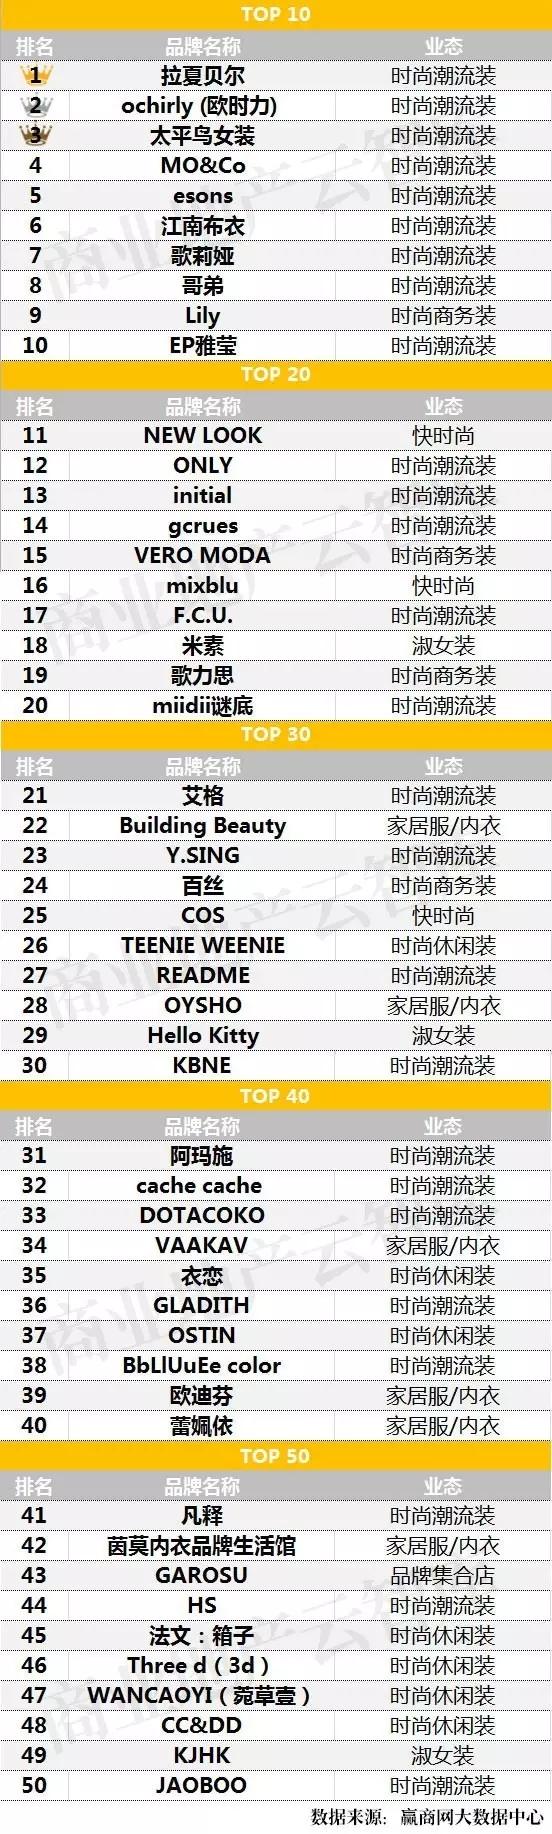 女装品牌TOP50